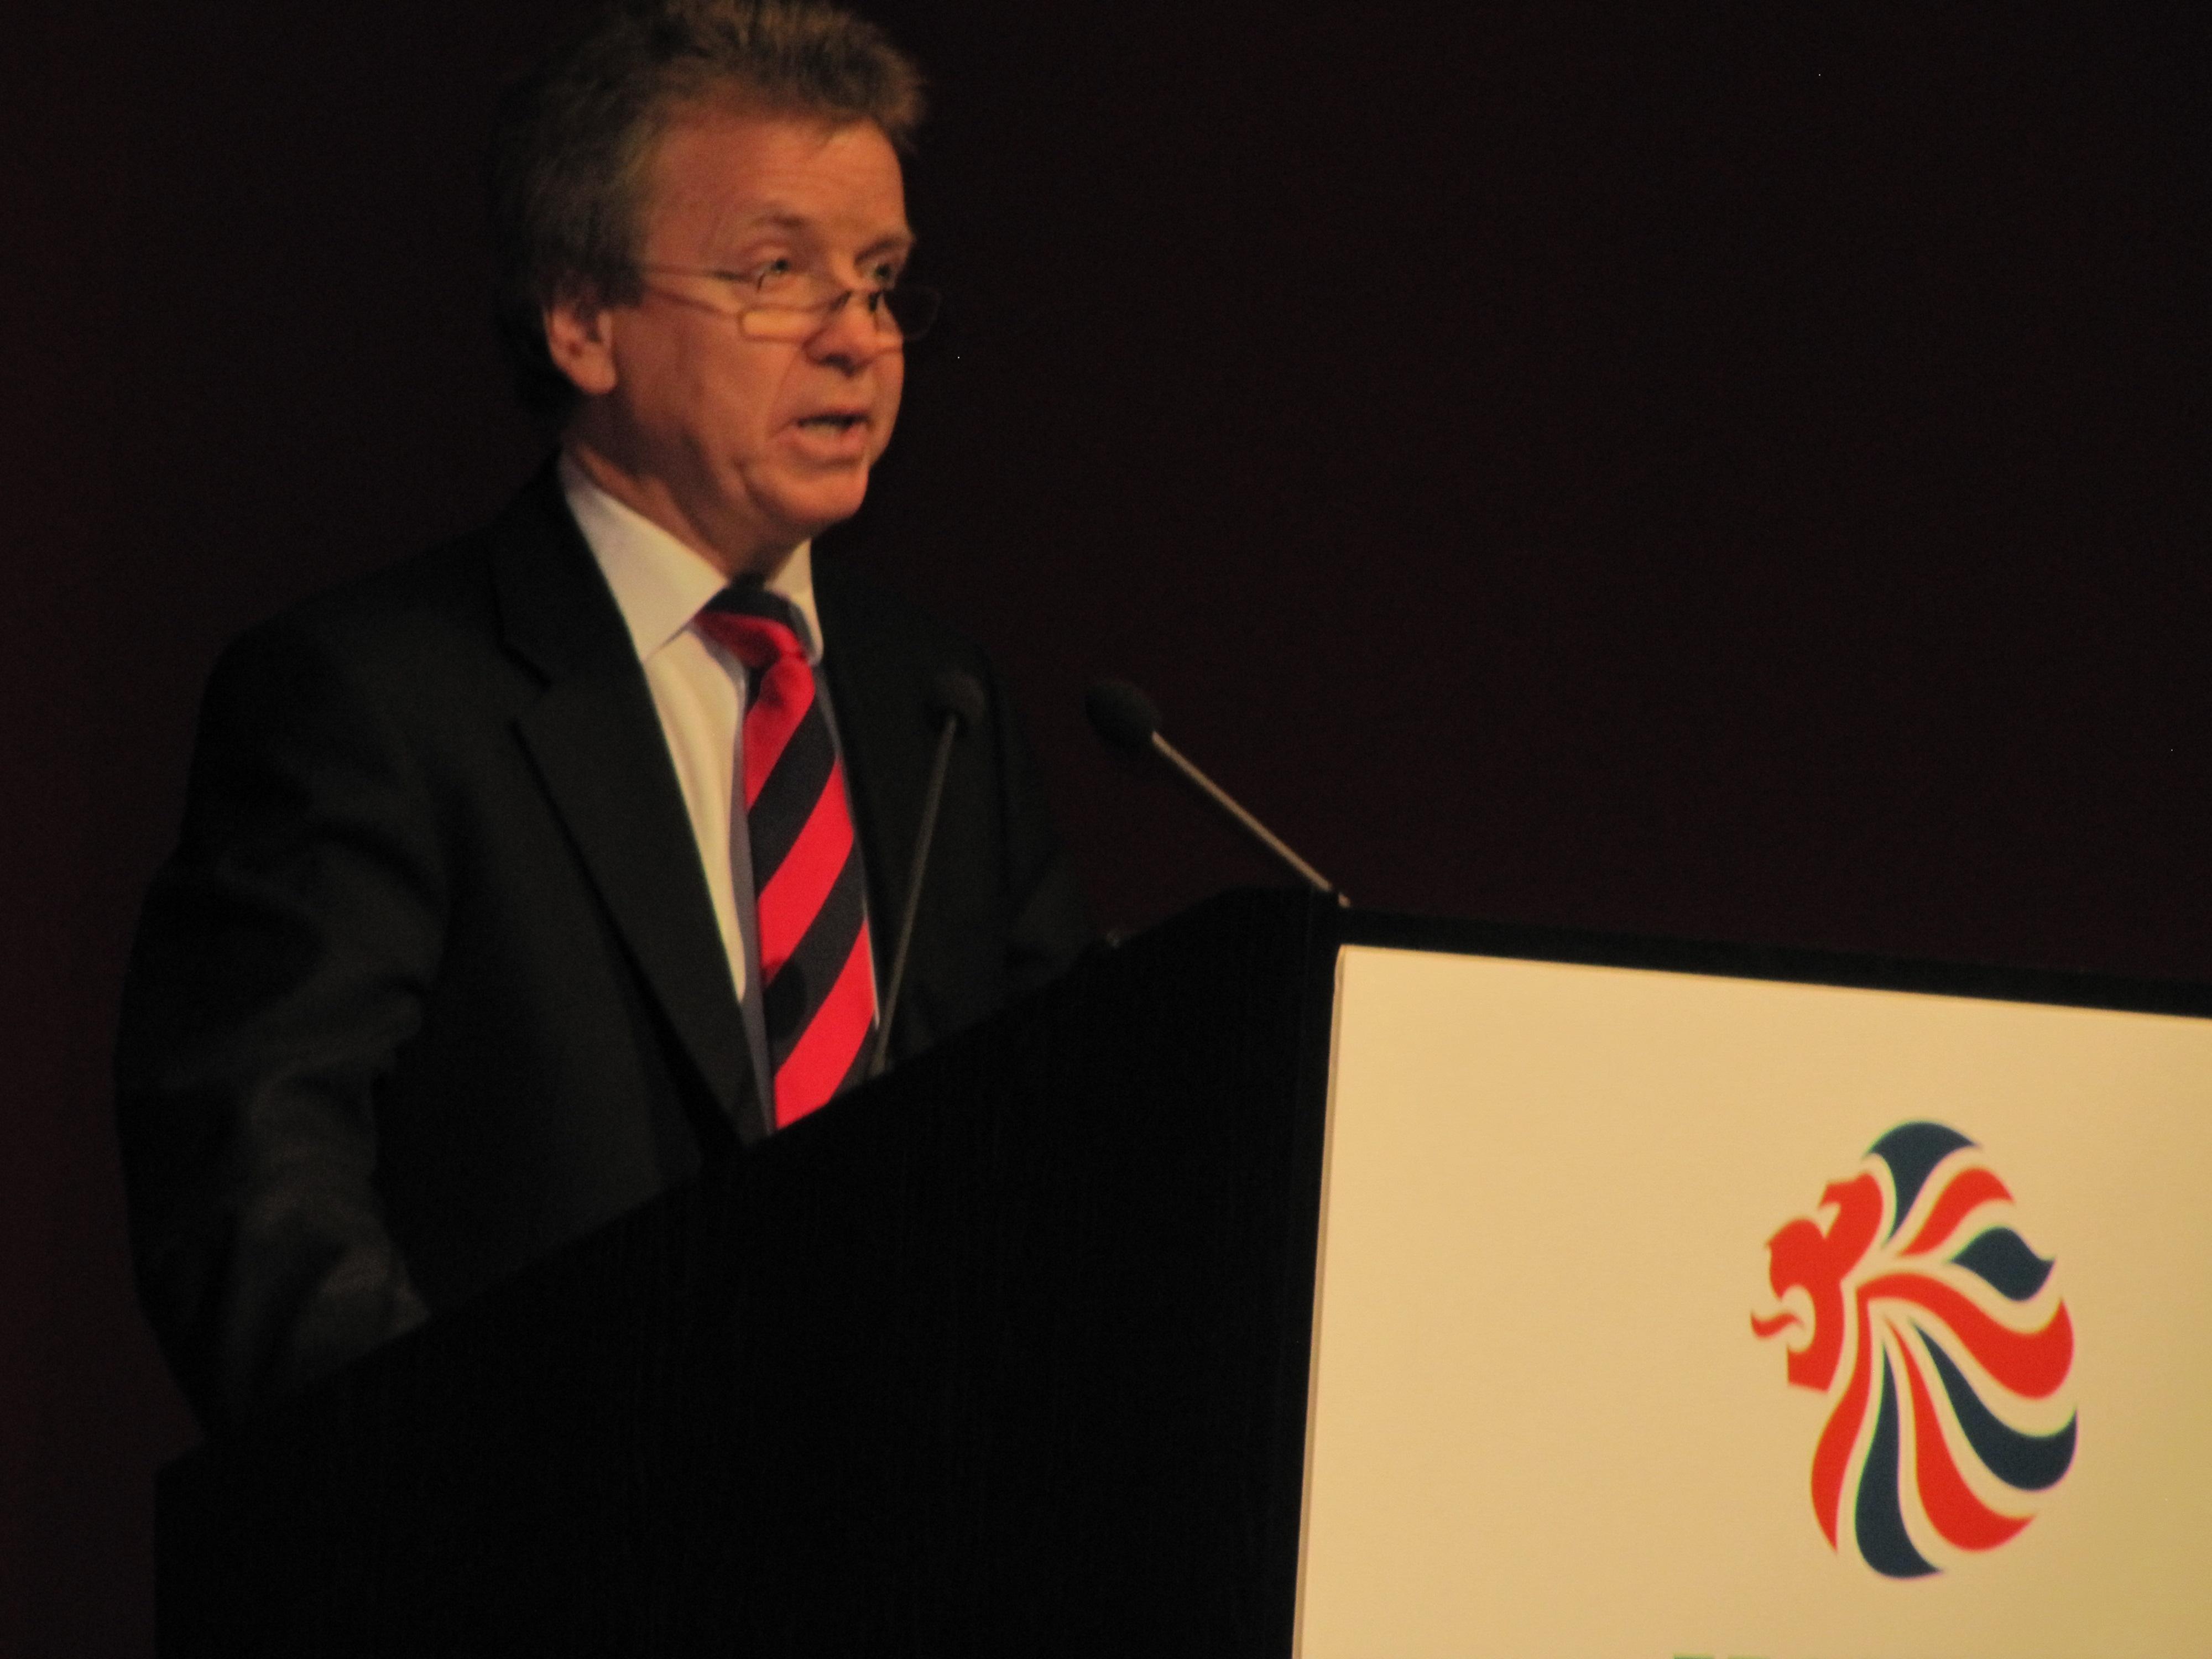 Colin_Moynihan_at_BOA_press_conference_March_28_2011